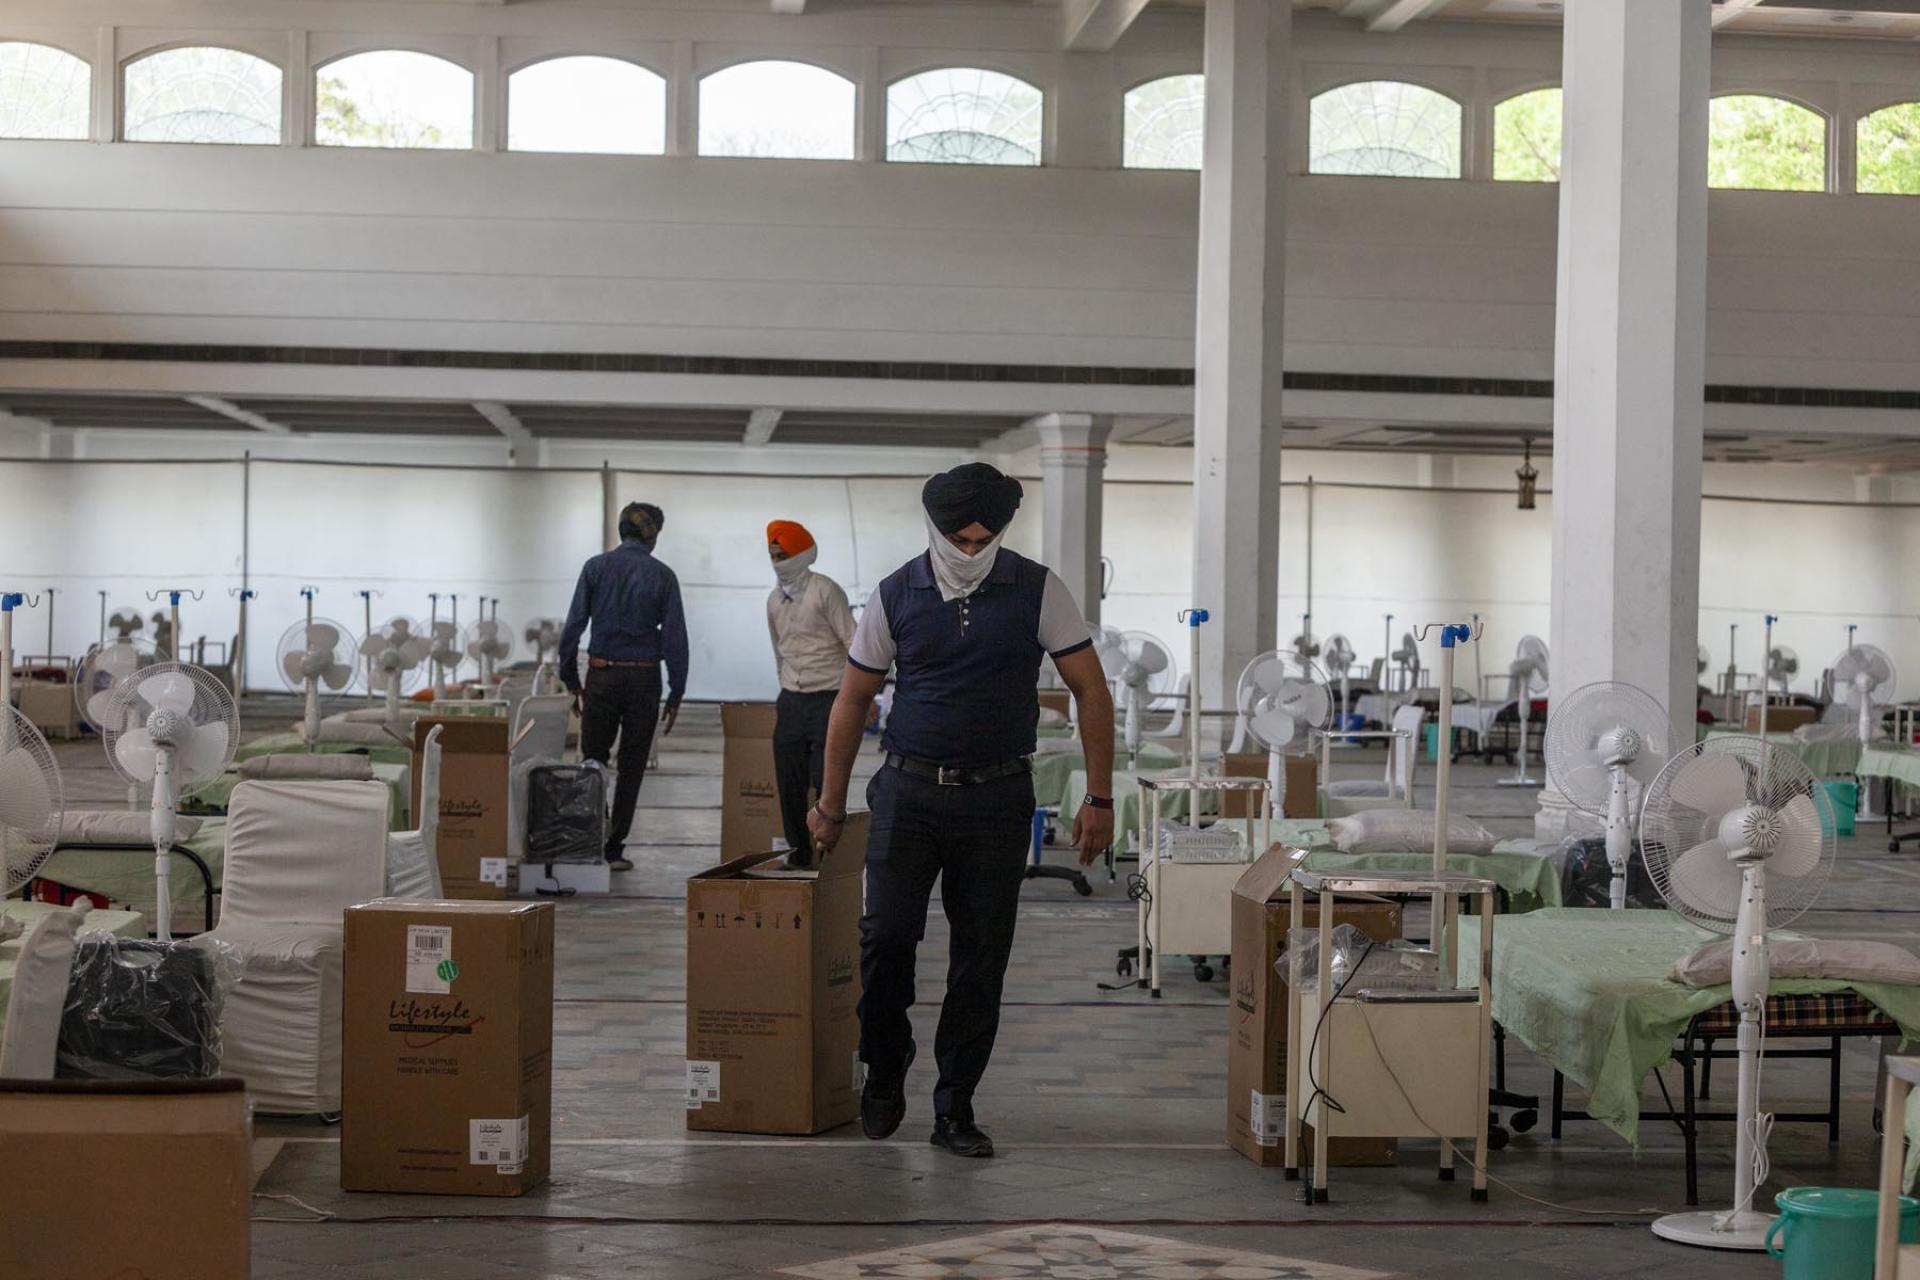 Le gurdwara Rakab Ganj Sahiba transformé un de ses bâtimentspour accueillir près de 400 lits, mis à disposition des malades du Covid-19, et équipés de concentrateurs d'oxygène, à New Delhi,le 4 mai 2021.